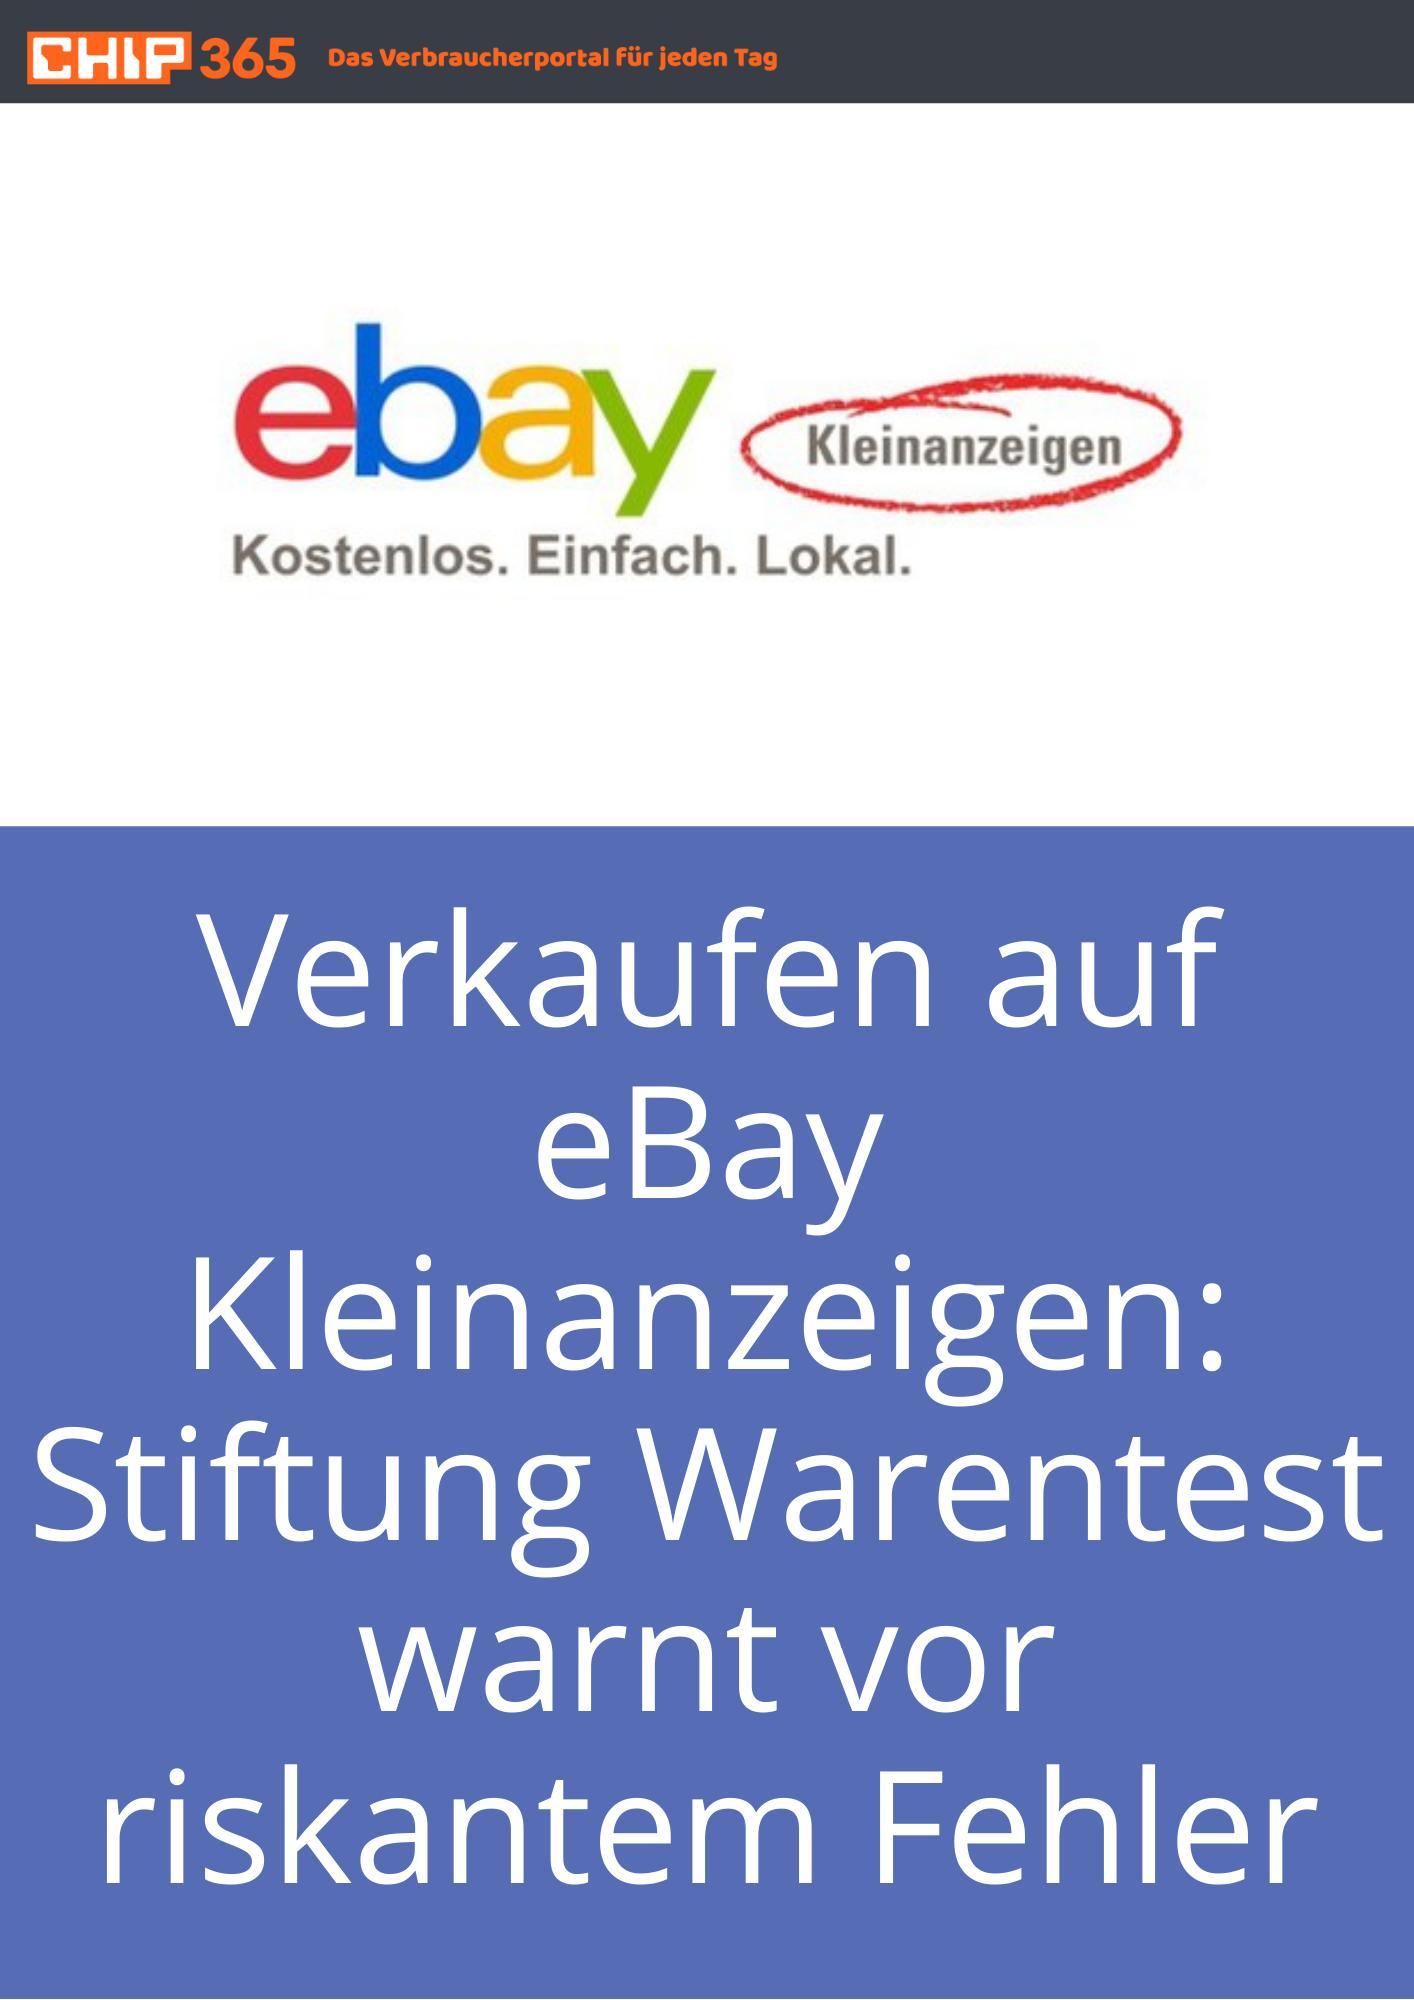 Verkaufen Auf Ebay Kleinanzeigen Co Stiftung Warentest Warnt Vor Riskantem Fehler Ebay Kleinanzeigen Kleinanzeigen Ebay